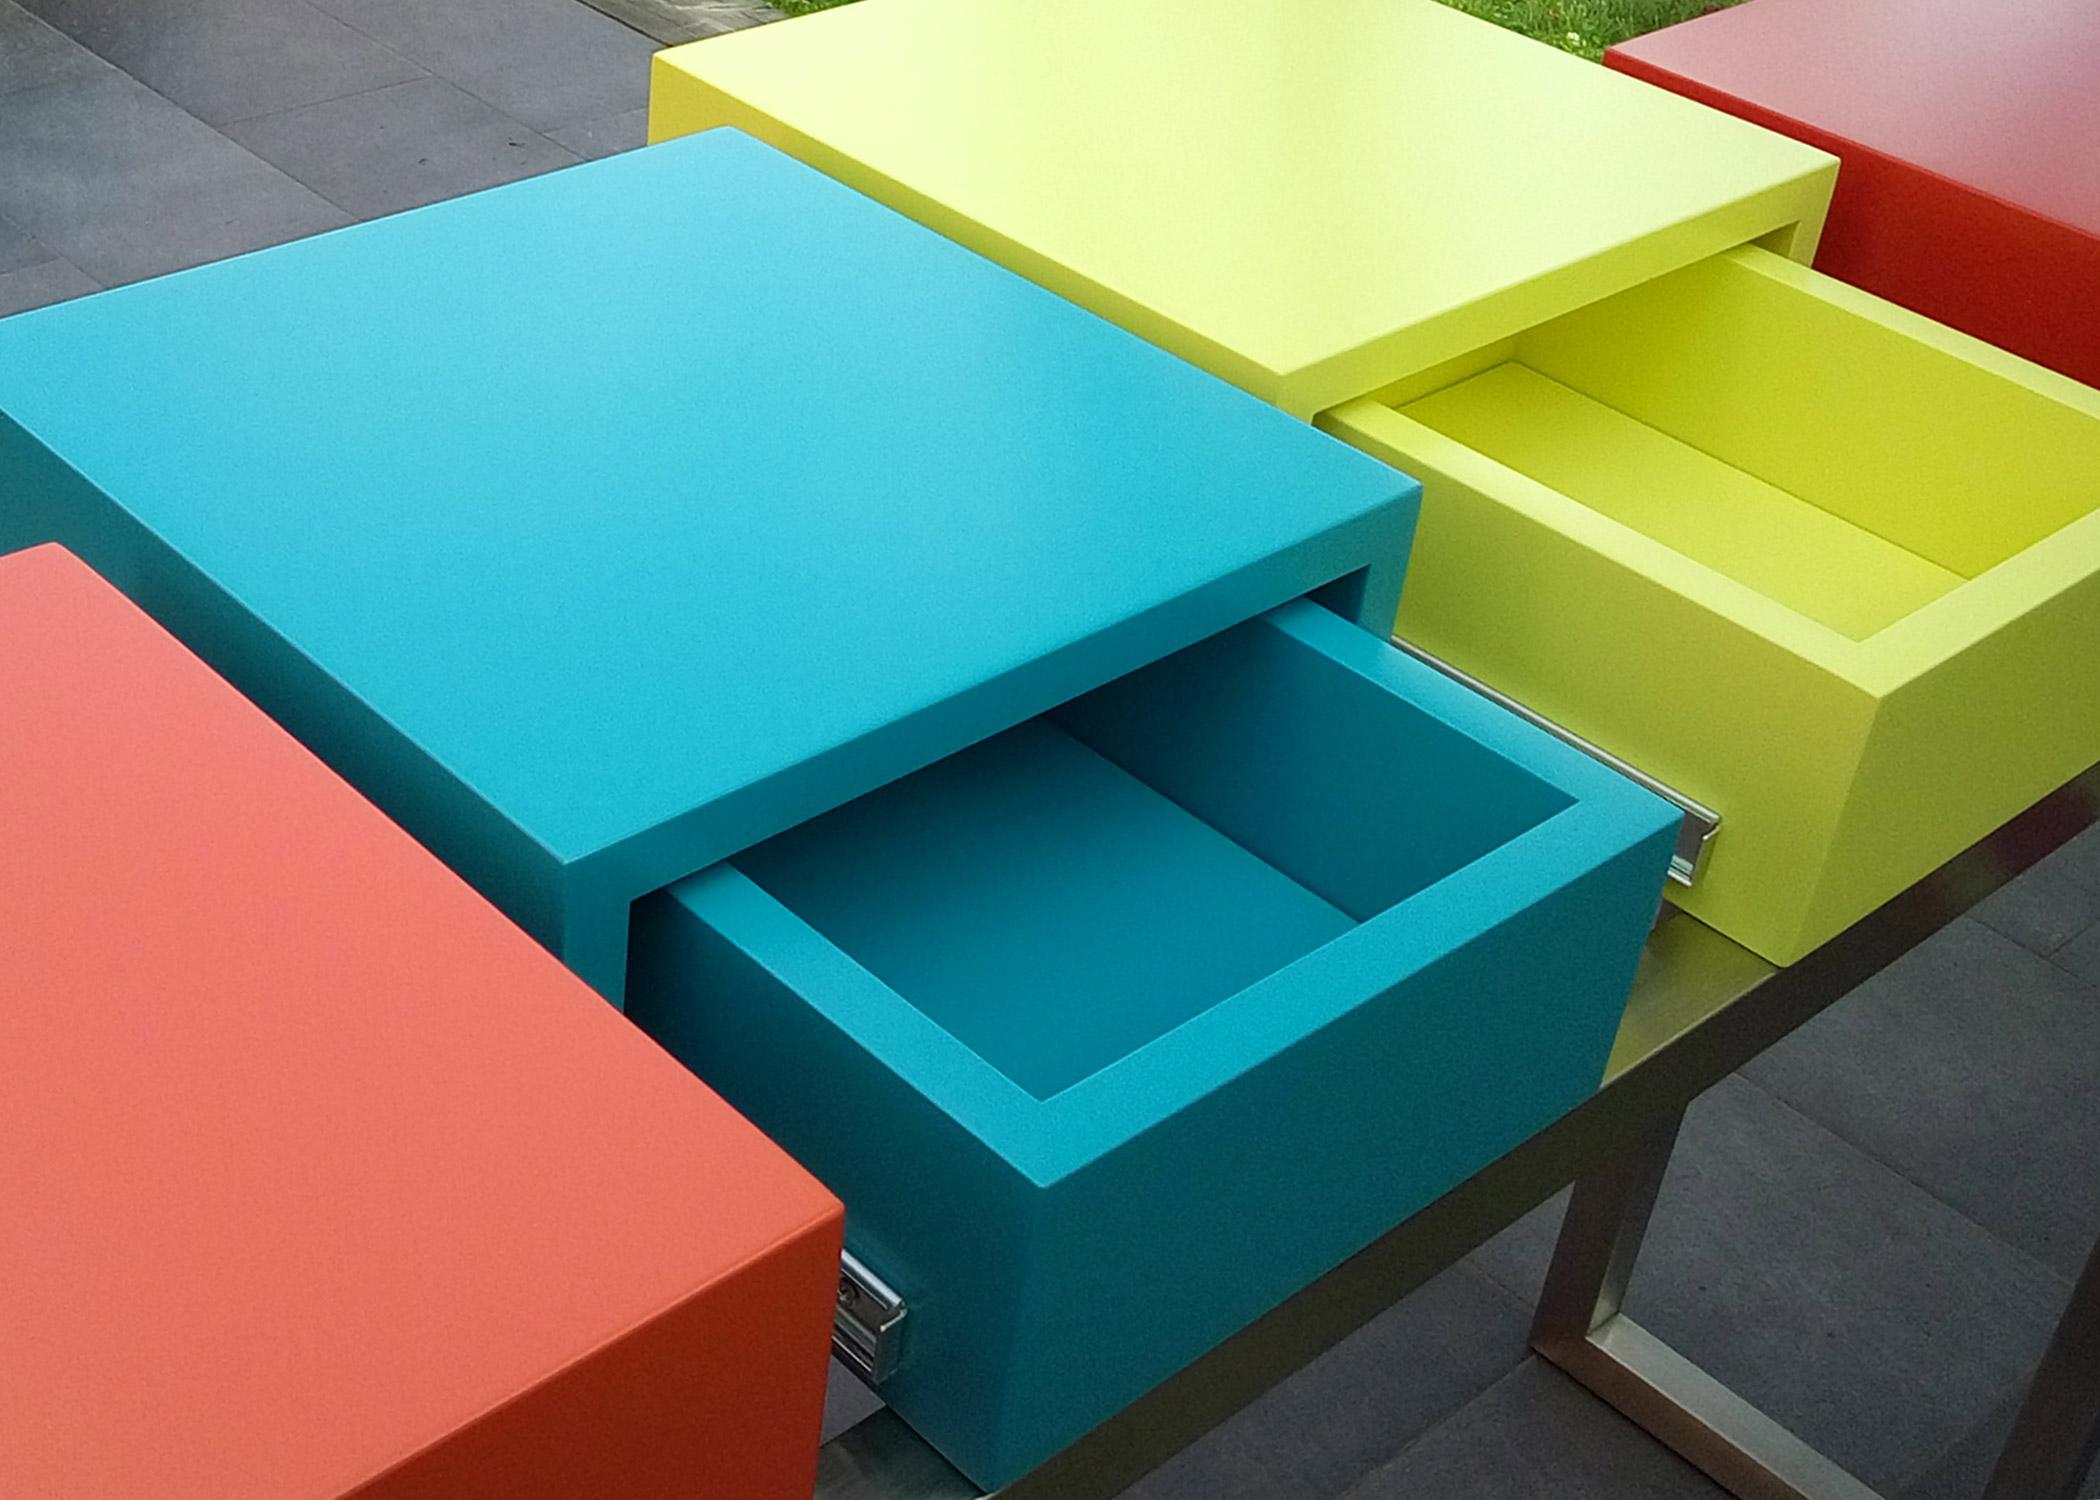 console connectée design sur mesure PLug&Pied, pied en inox brossé, 4 cubes laqués couleurs pétillantes, prises électriques intégrées , Mobilier Les Pieds Sur La Table